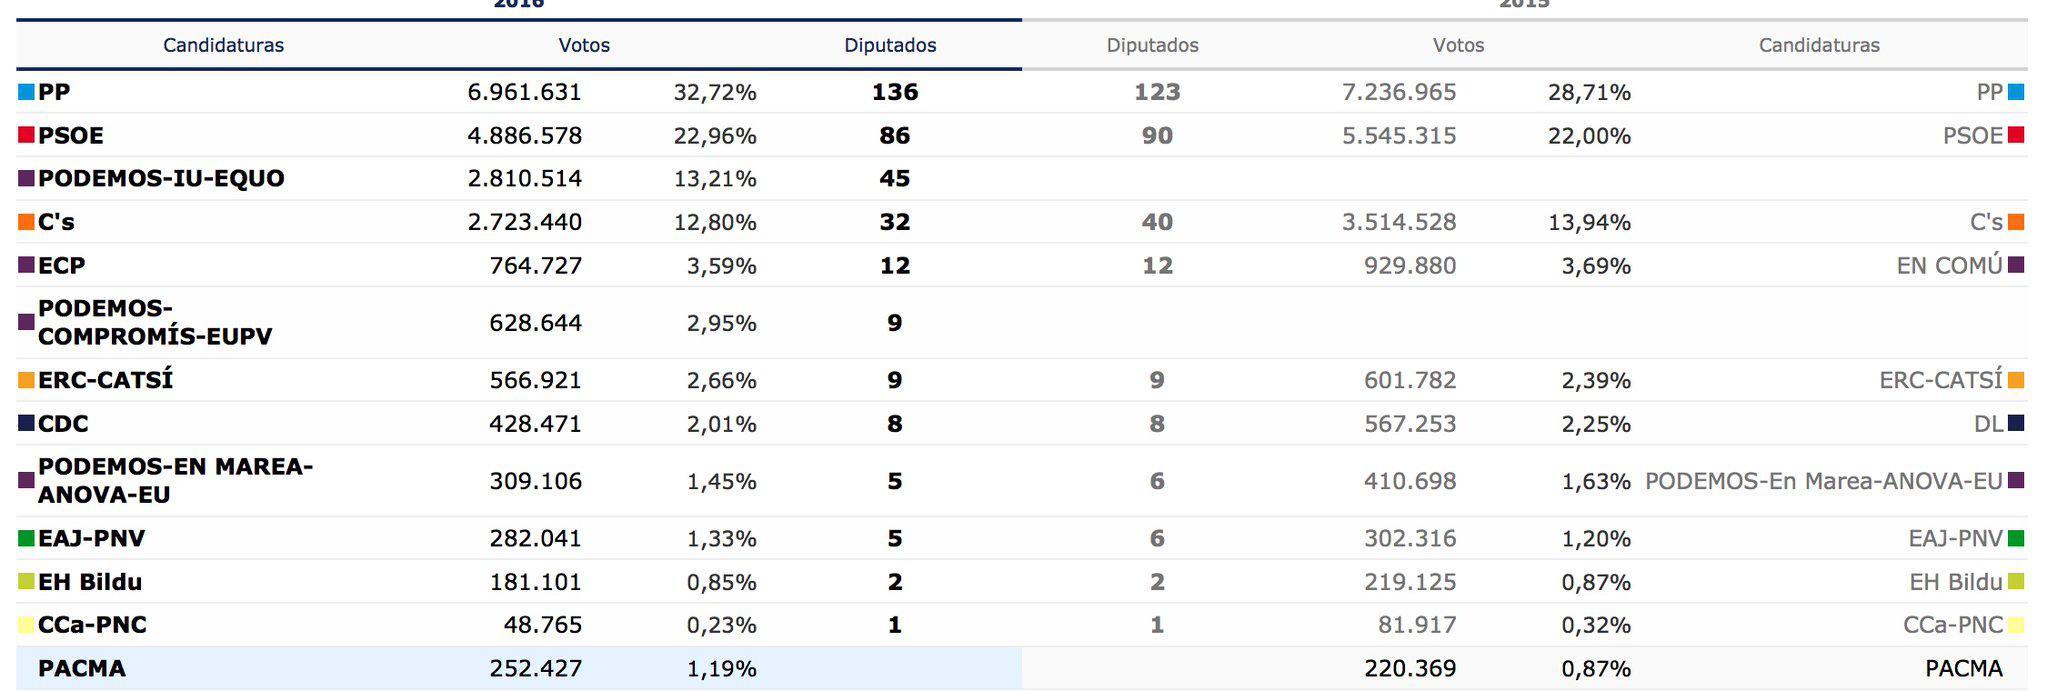 Un ganador de la noche. PACMA: Partido contra el Maltrato Animal, sube del 0,87% al 1,19%